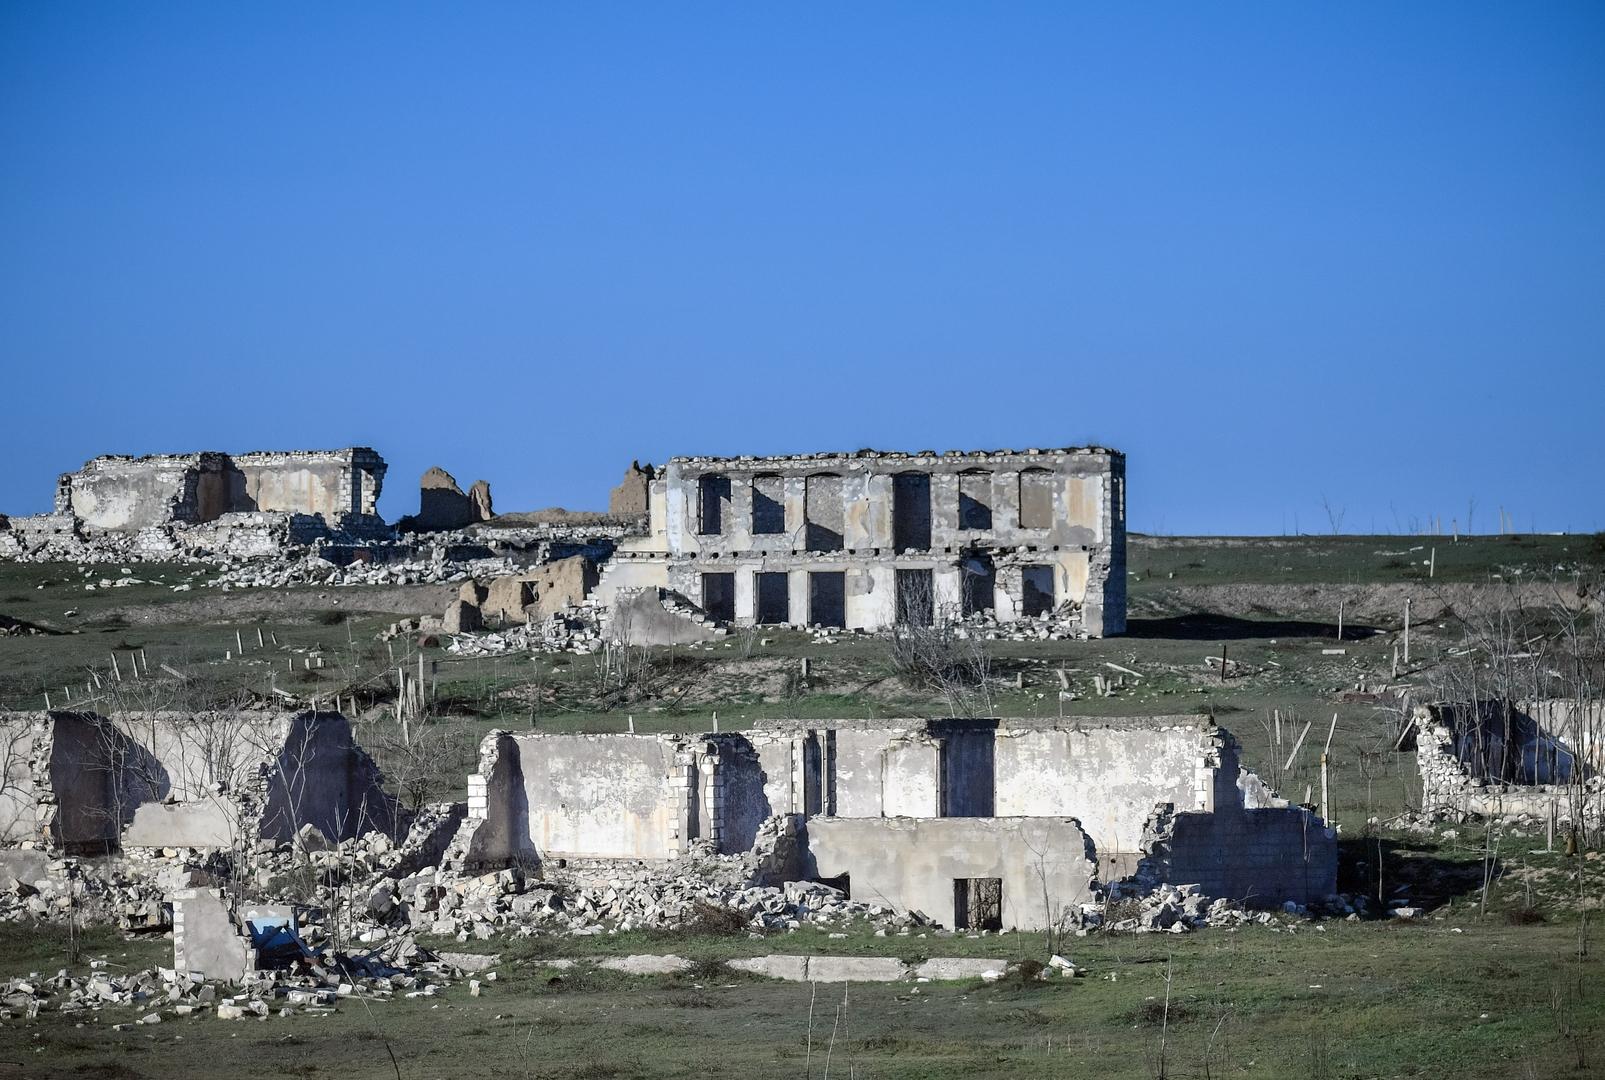 أذربيجان تسلم إلى أرمينيا 15 أسيرا مقابل خرائط حقول ألغام